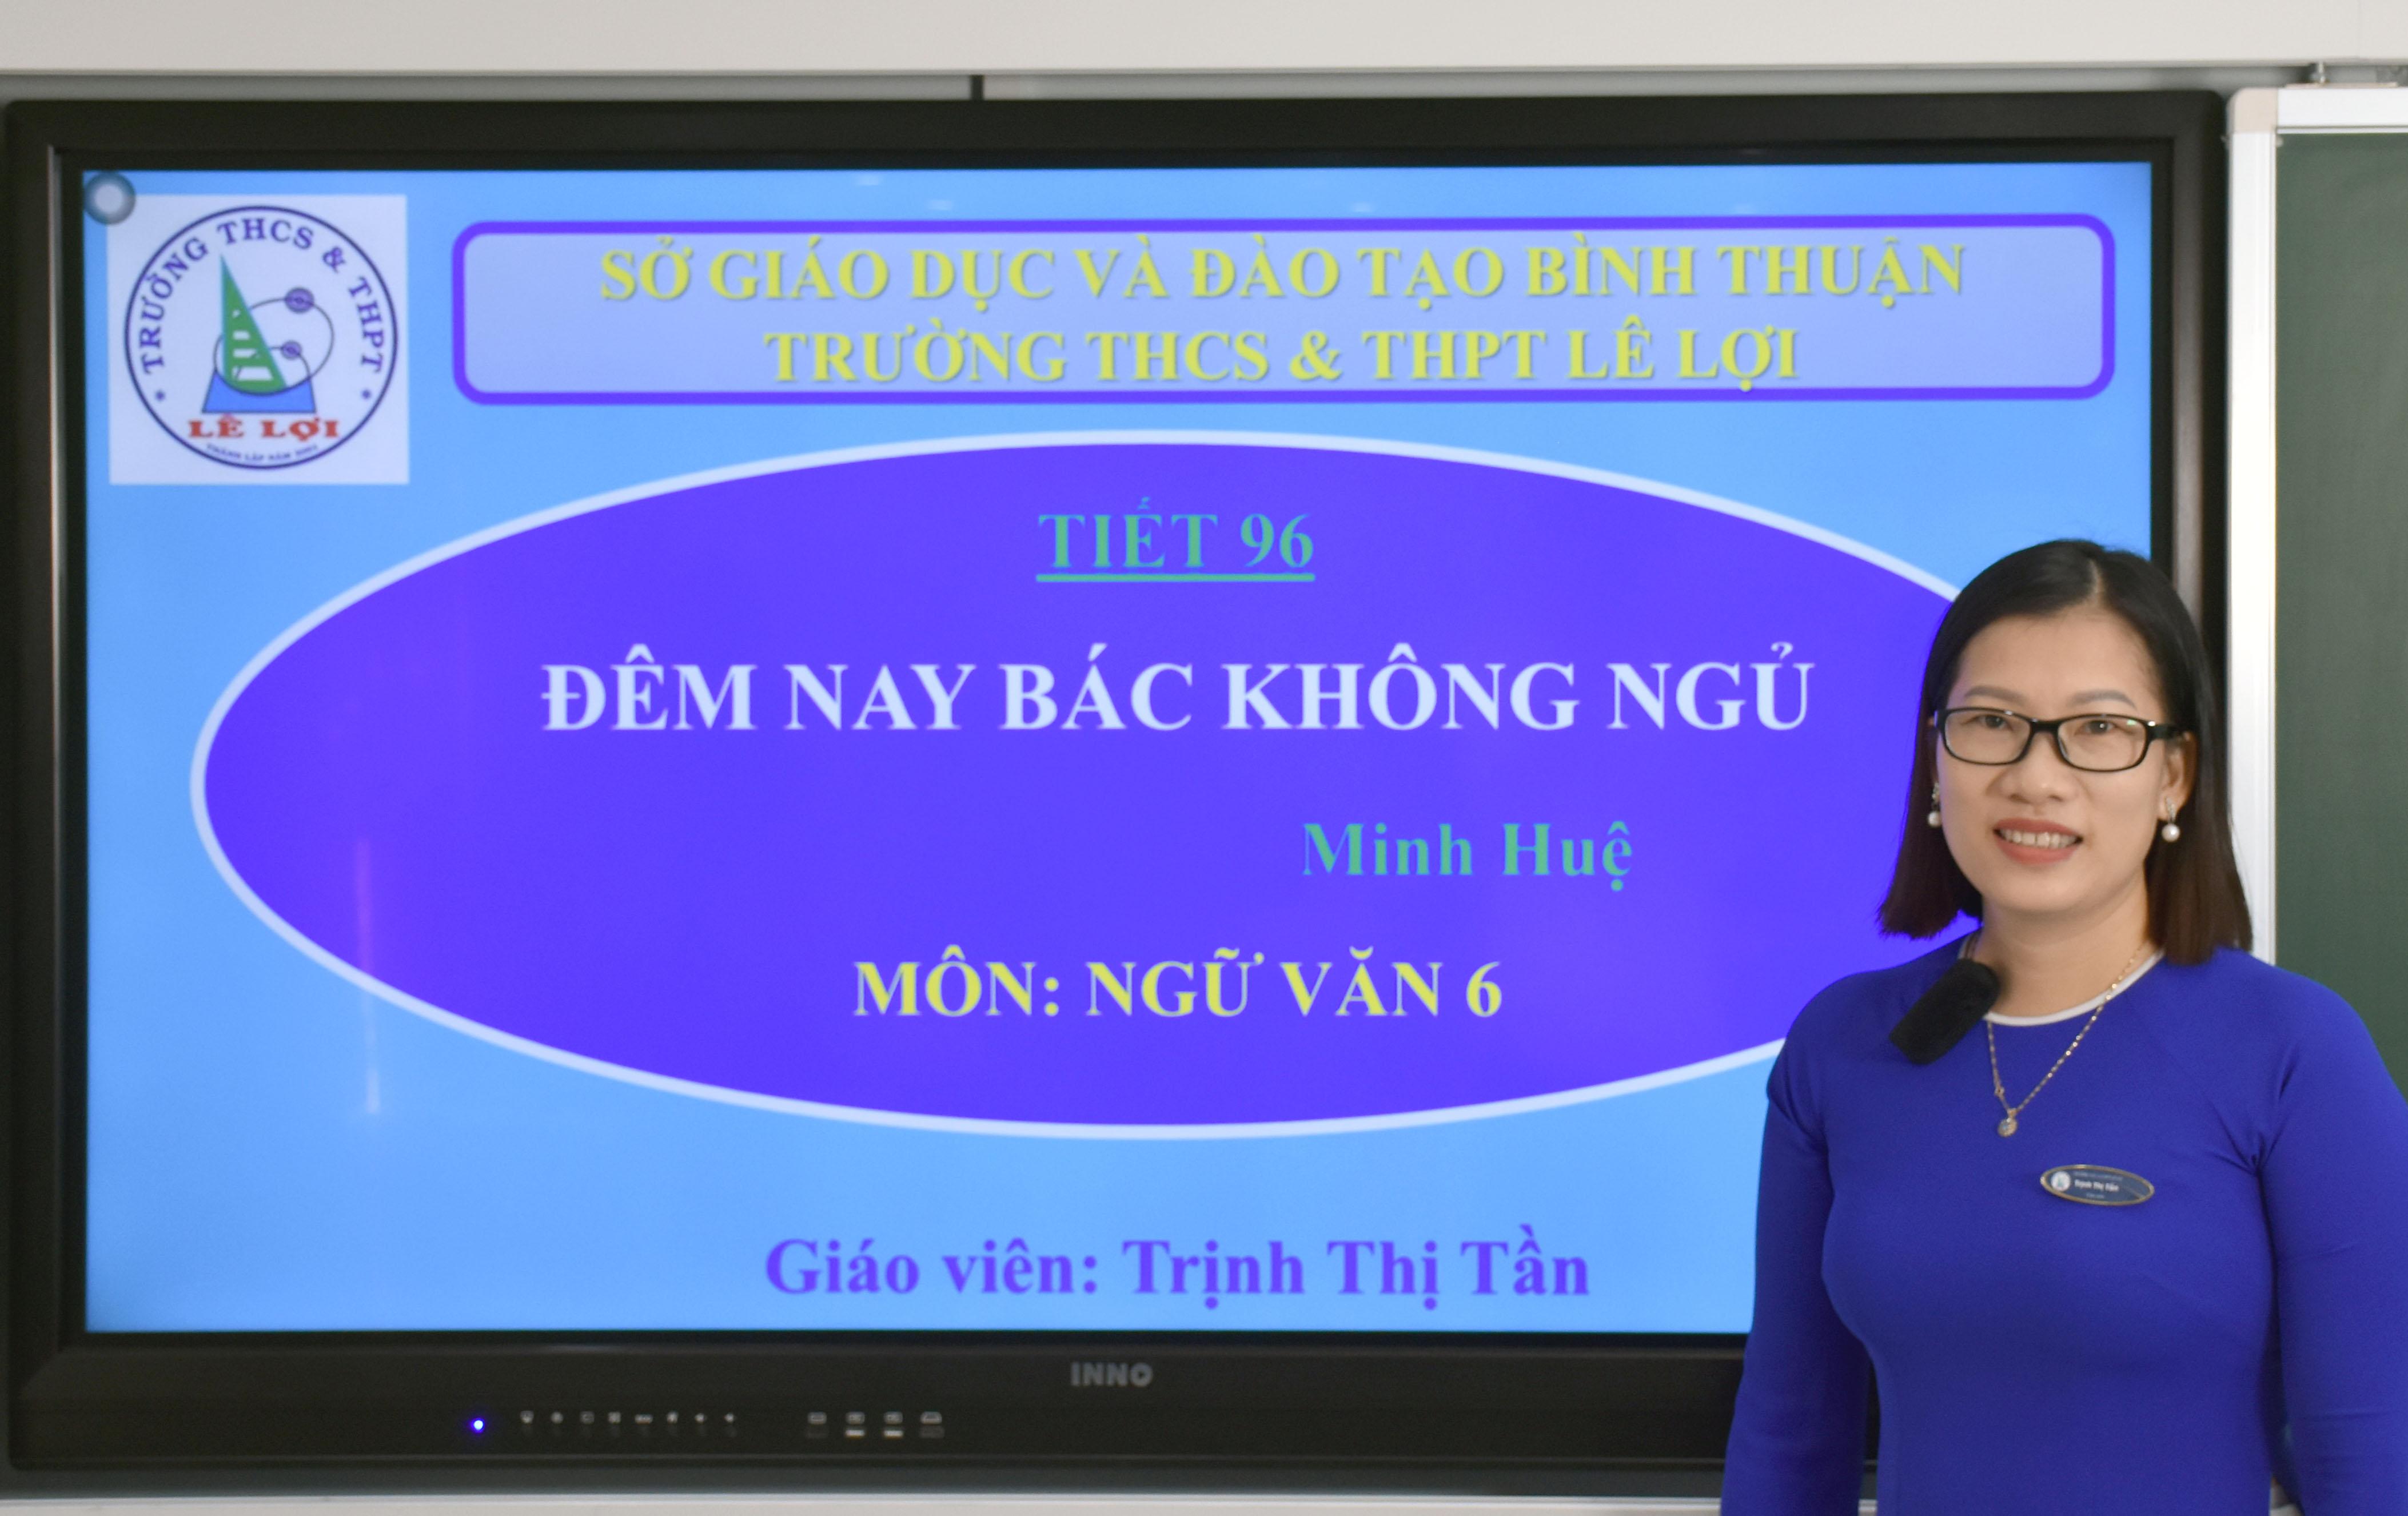 Khối lớp 6 - Đêm nay Bác không ngủ-Minh Huệ - Cô Trịnh Thị Tần